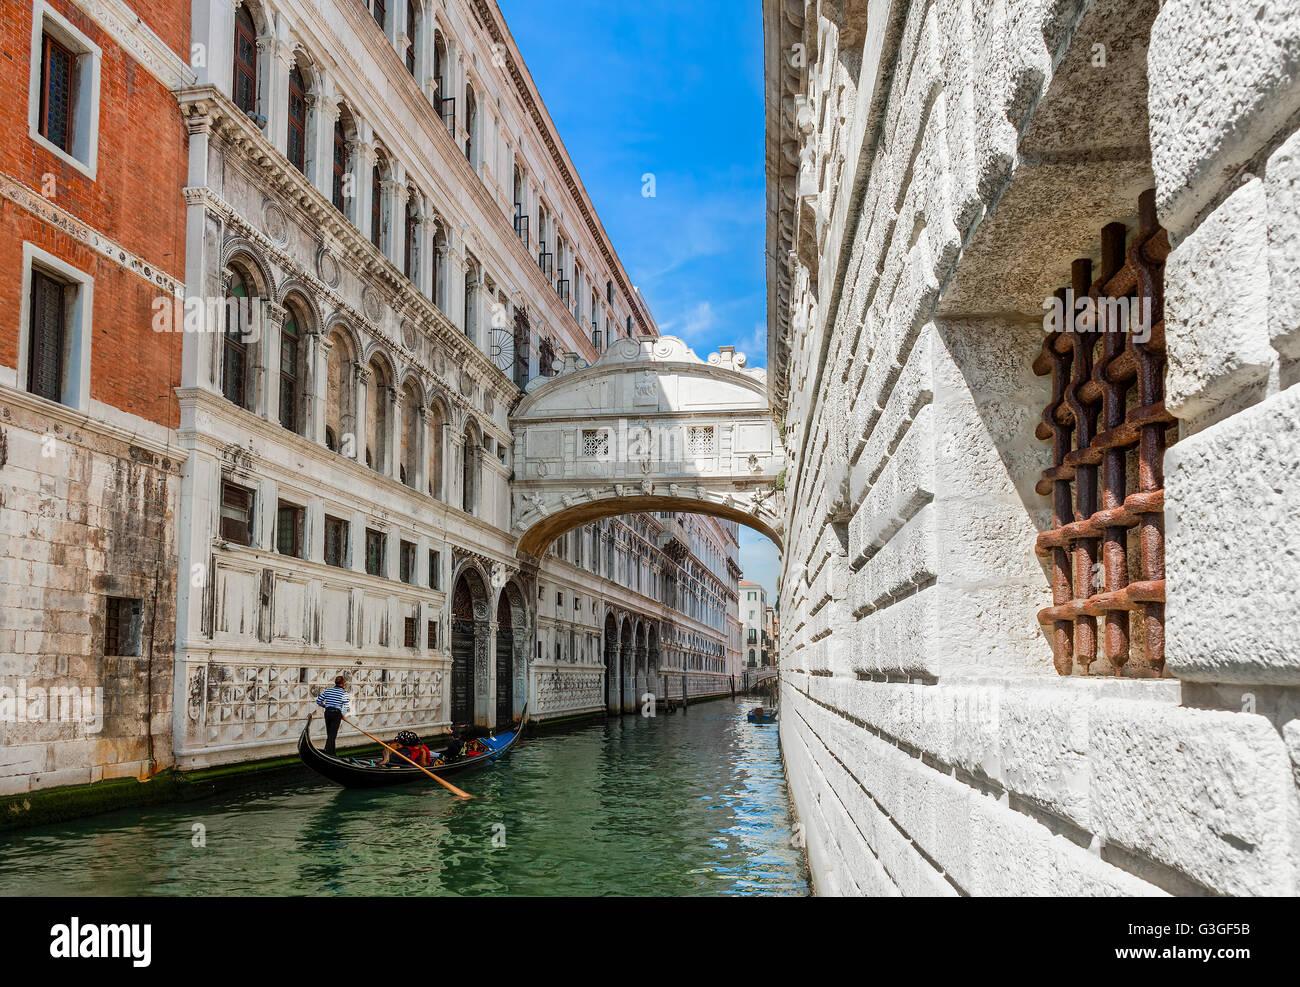 Gondel vorbei auf schmalen Kanal unter berühmte Seufzerbrücke in Venedig, Italien. Stockbild